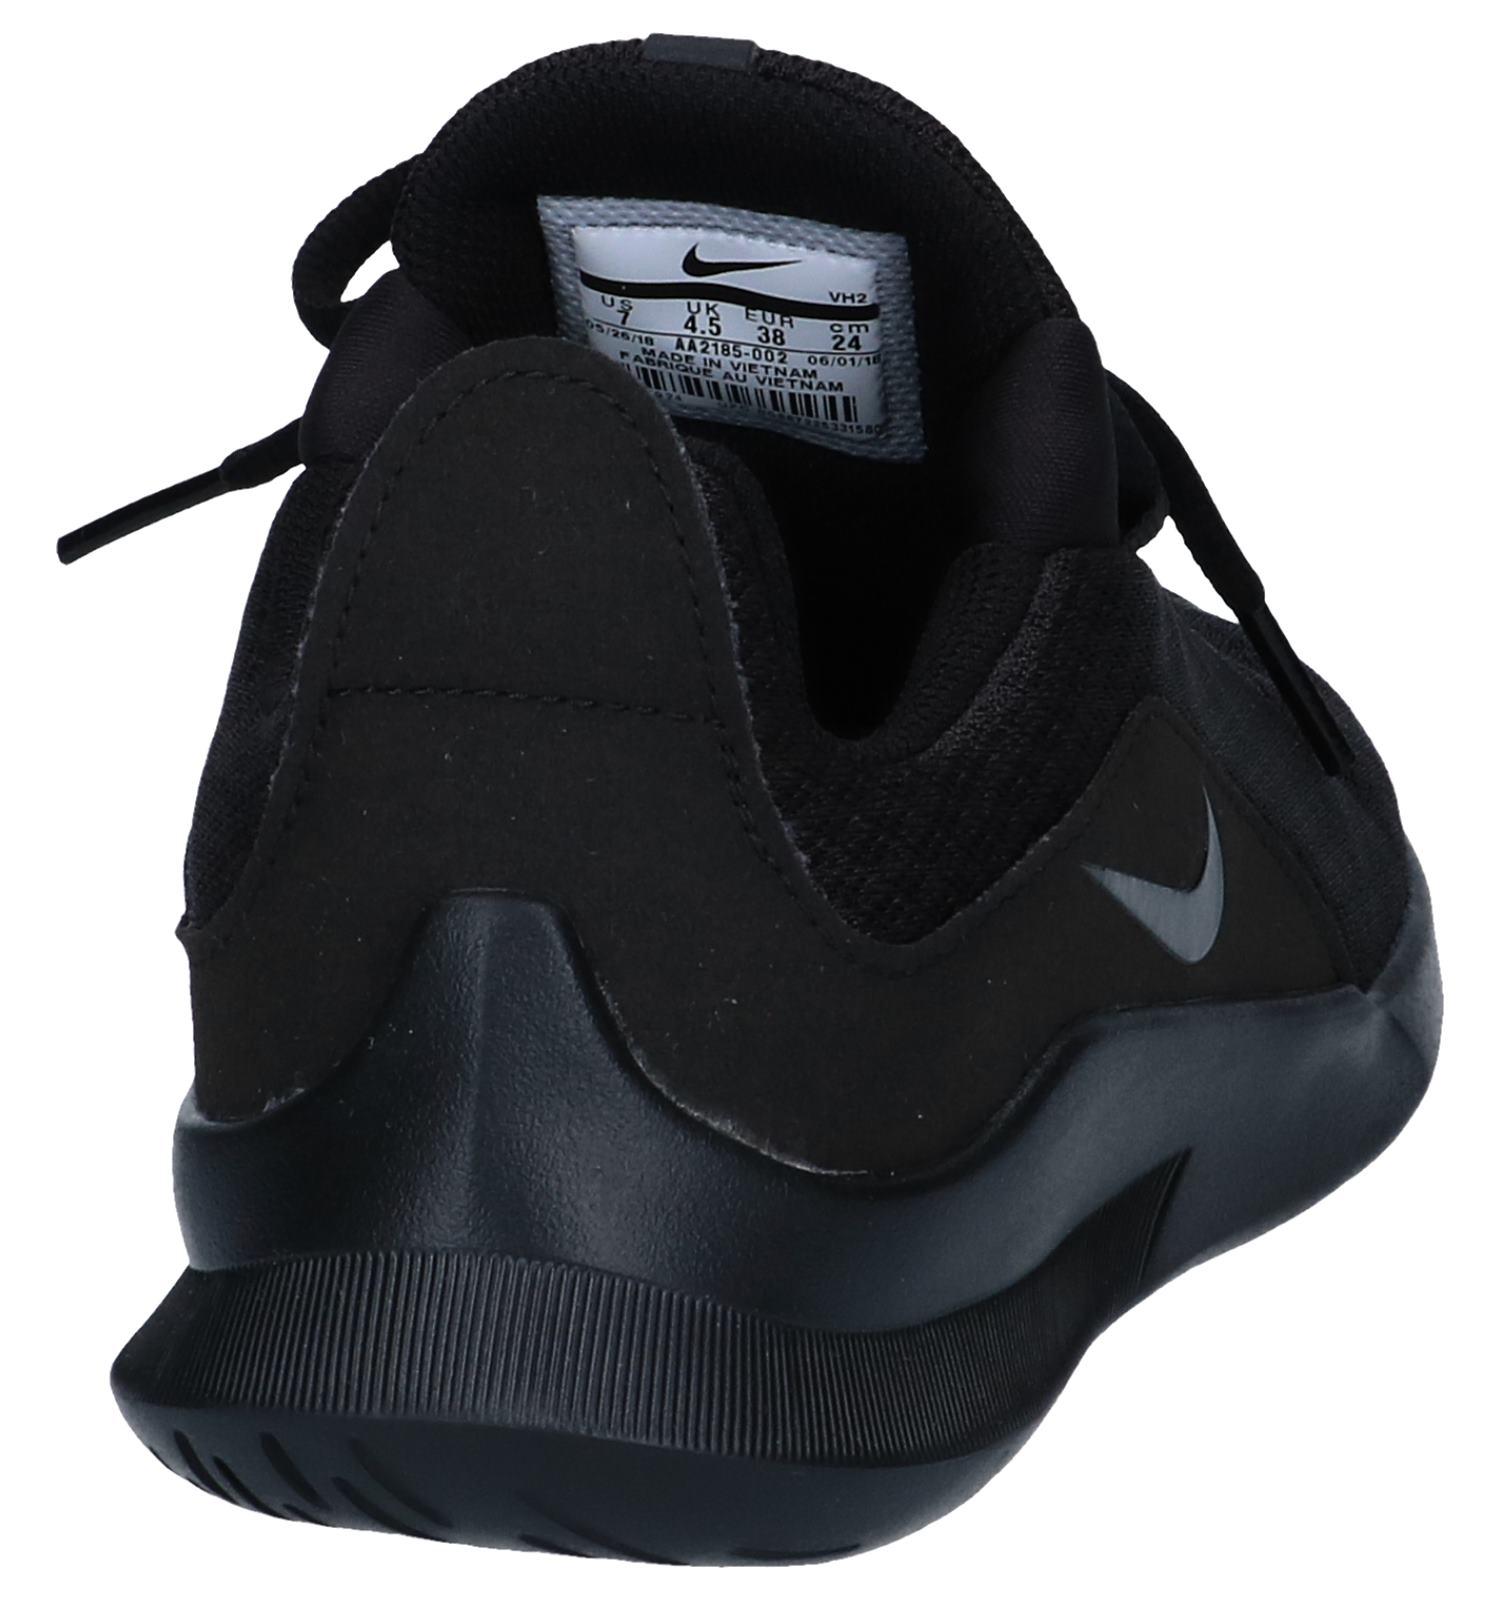 on Sneakers Viale Nike Zwarte Slip 1KcTJ3lF